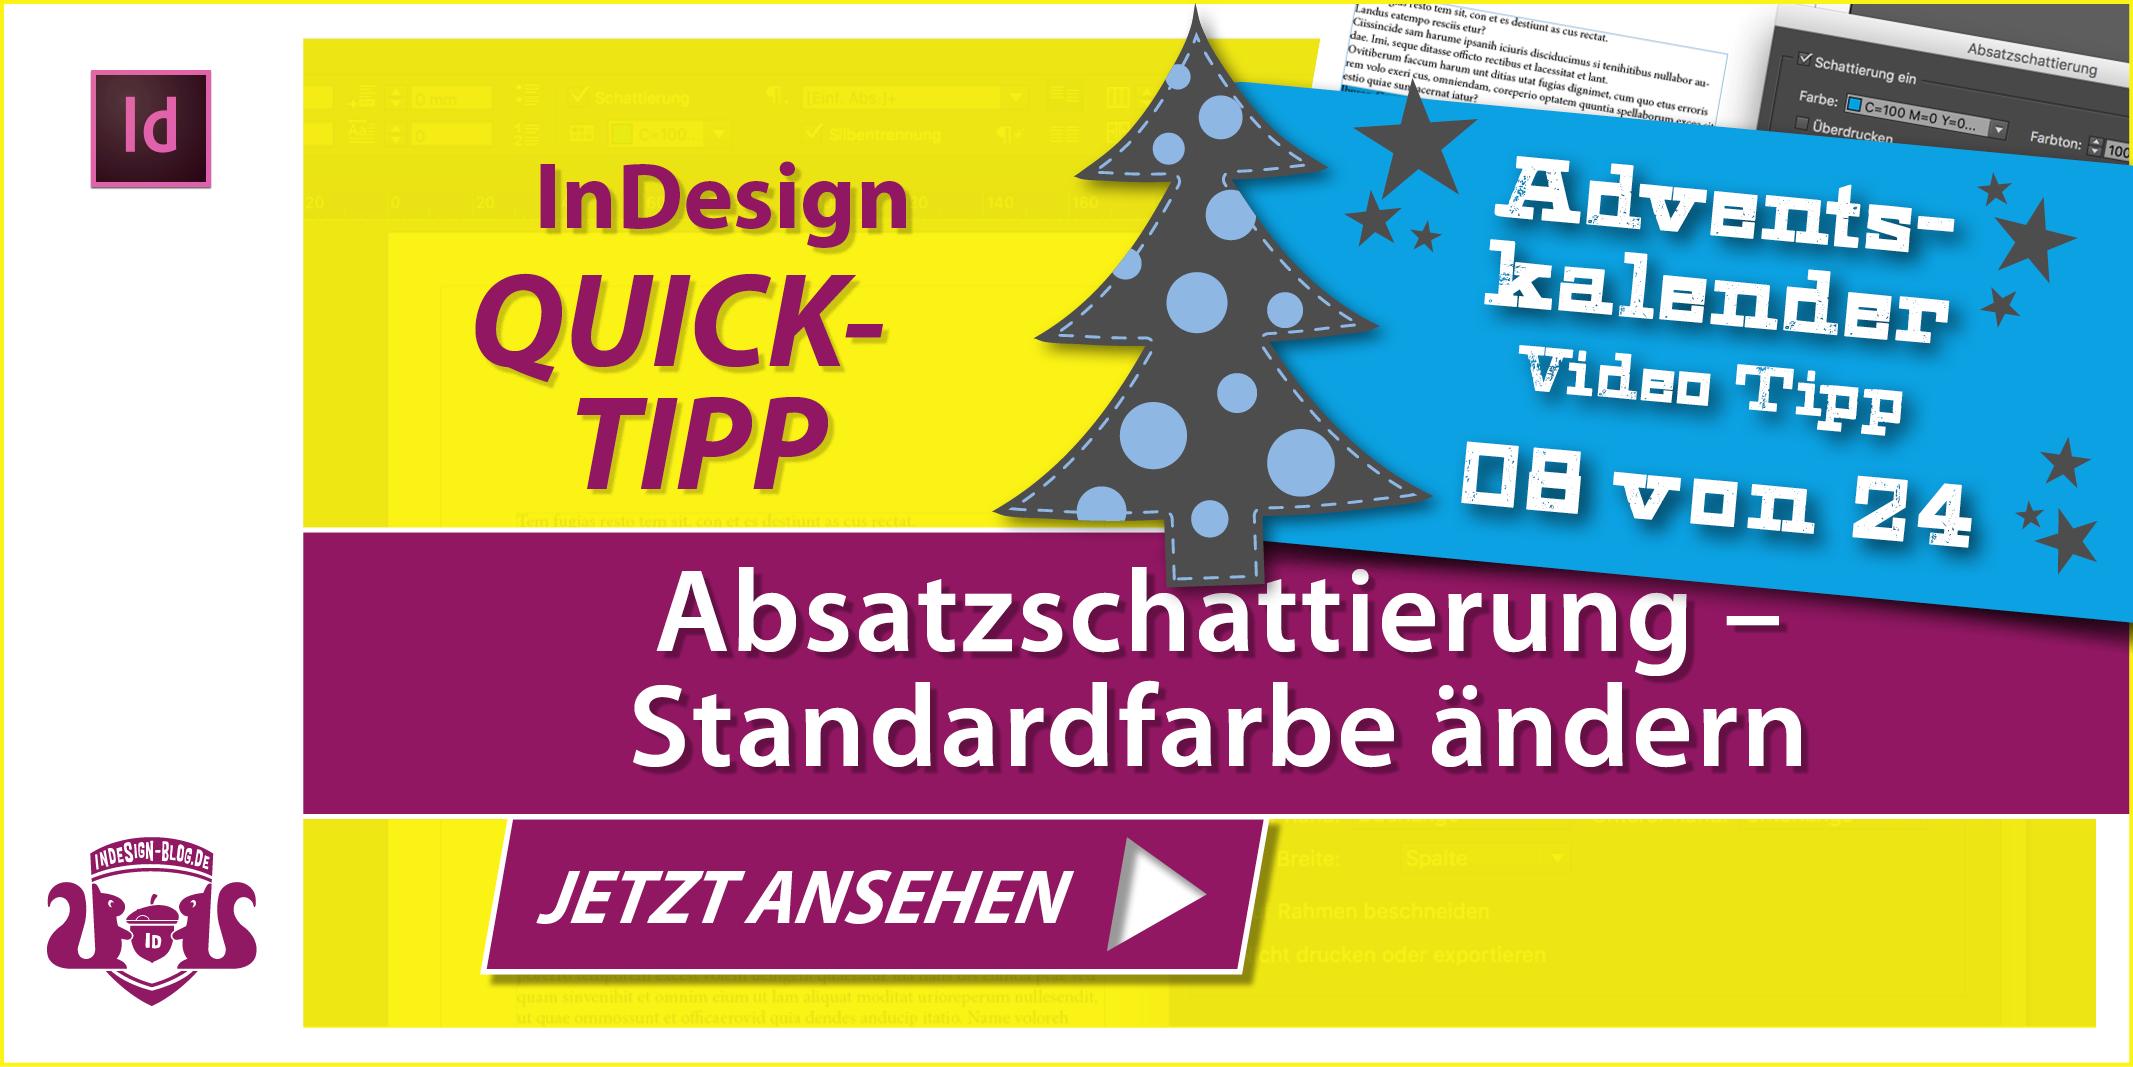 Tumbnail Quicktipp Absatzschattierung Standardfarbe aendern